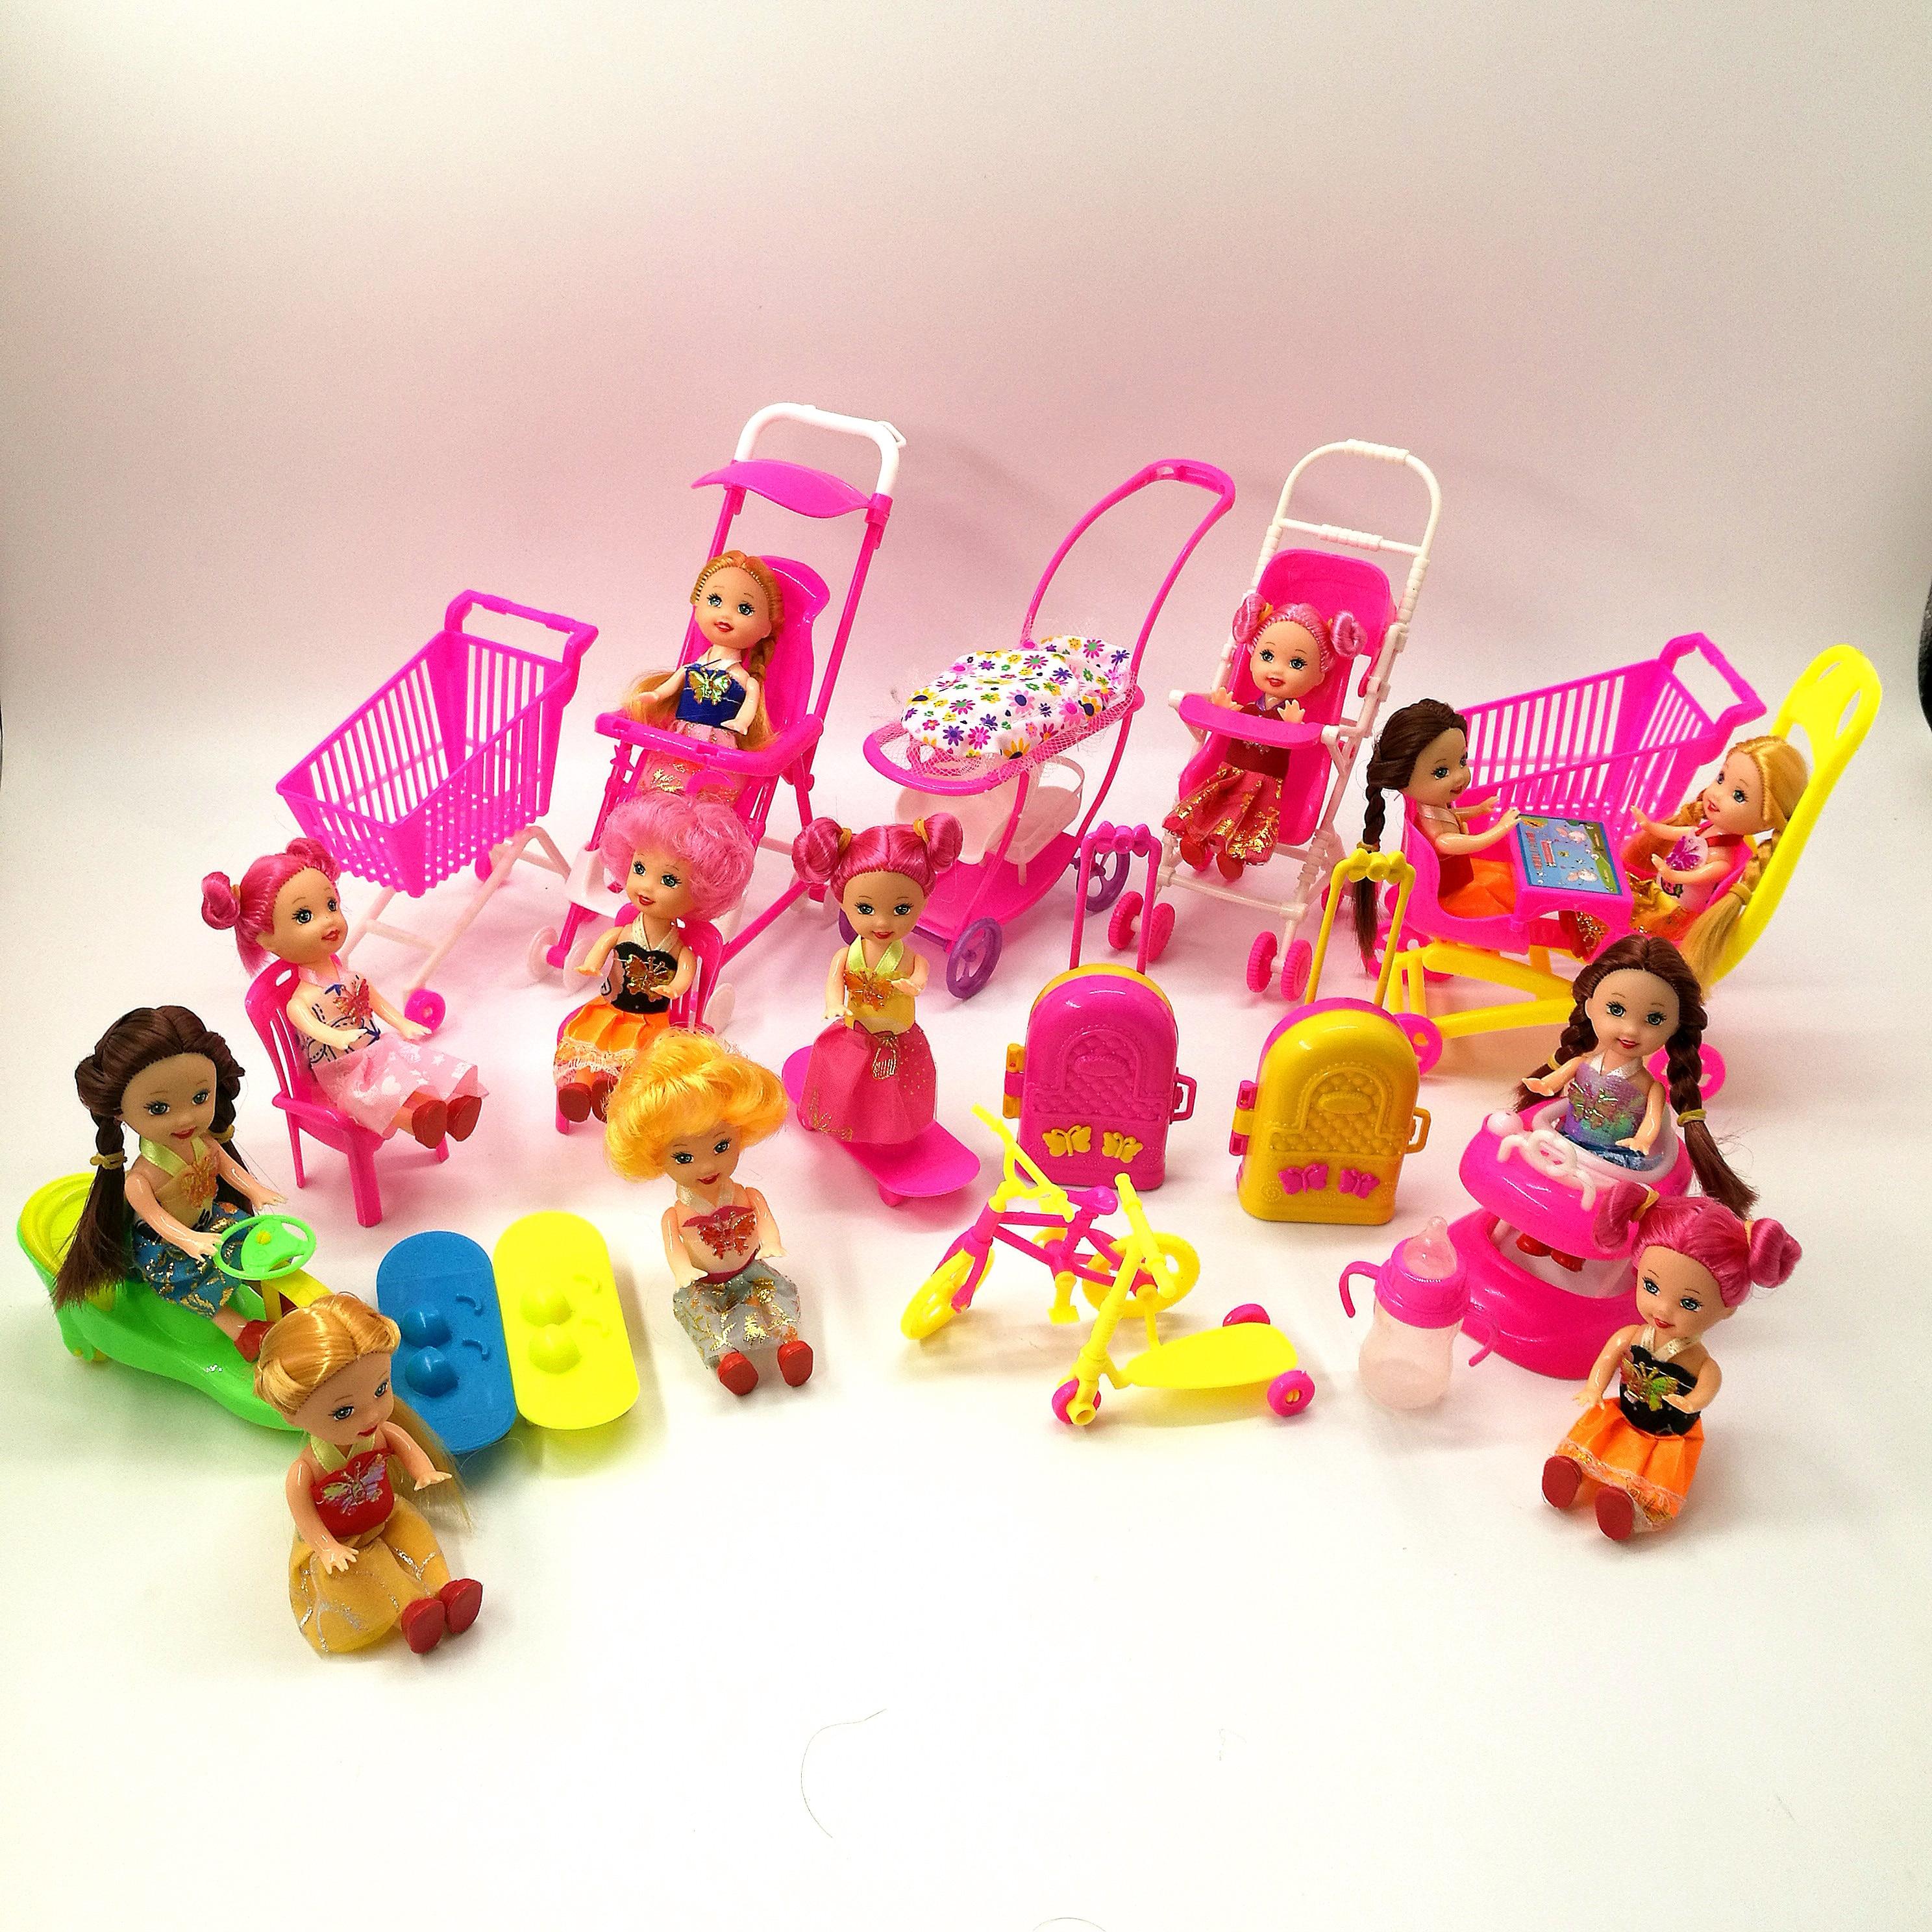 Микс Милая кукольная мебель ролевые игры вешалки для игрушек Детская коляска обувь для куклы Барби для Келли кукольный домик аксессуары Иг...